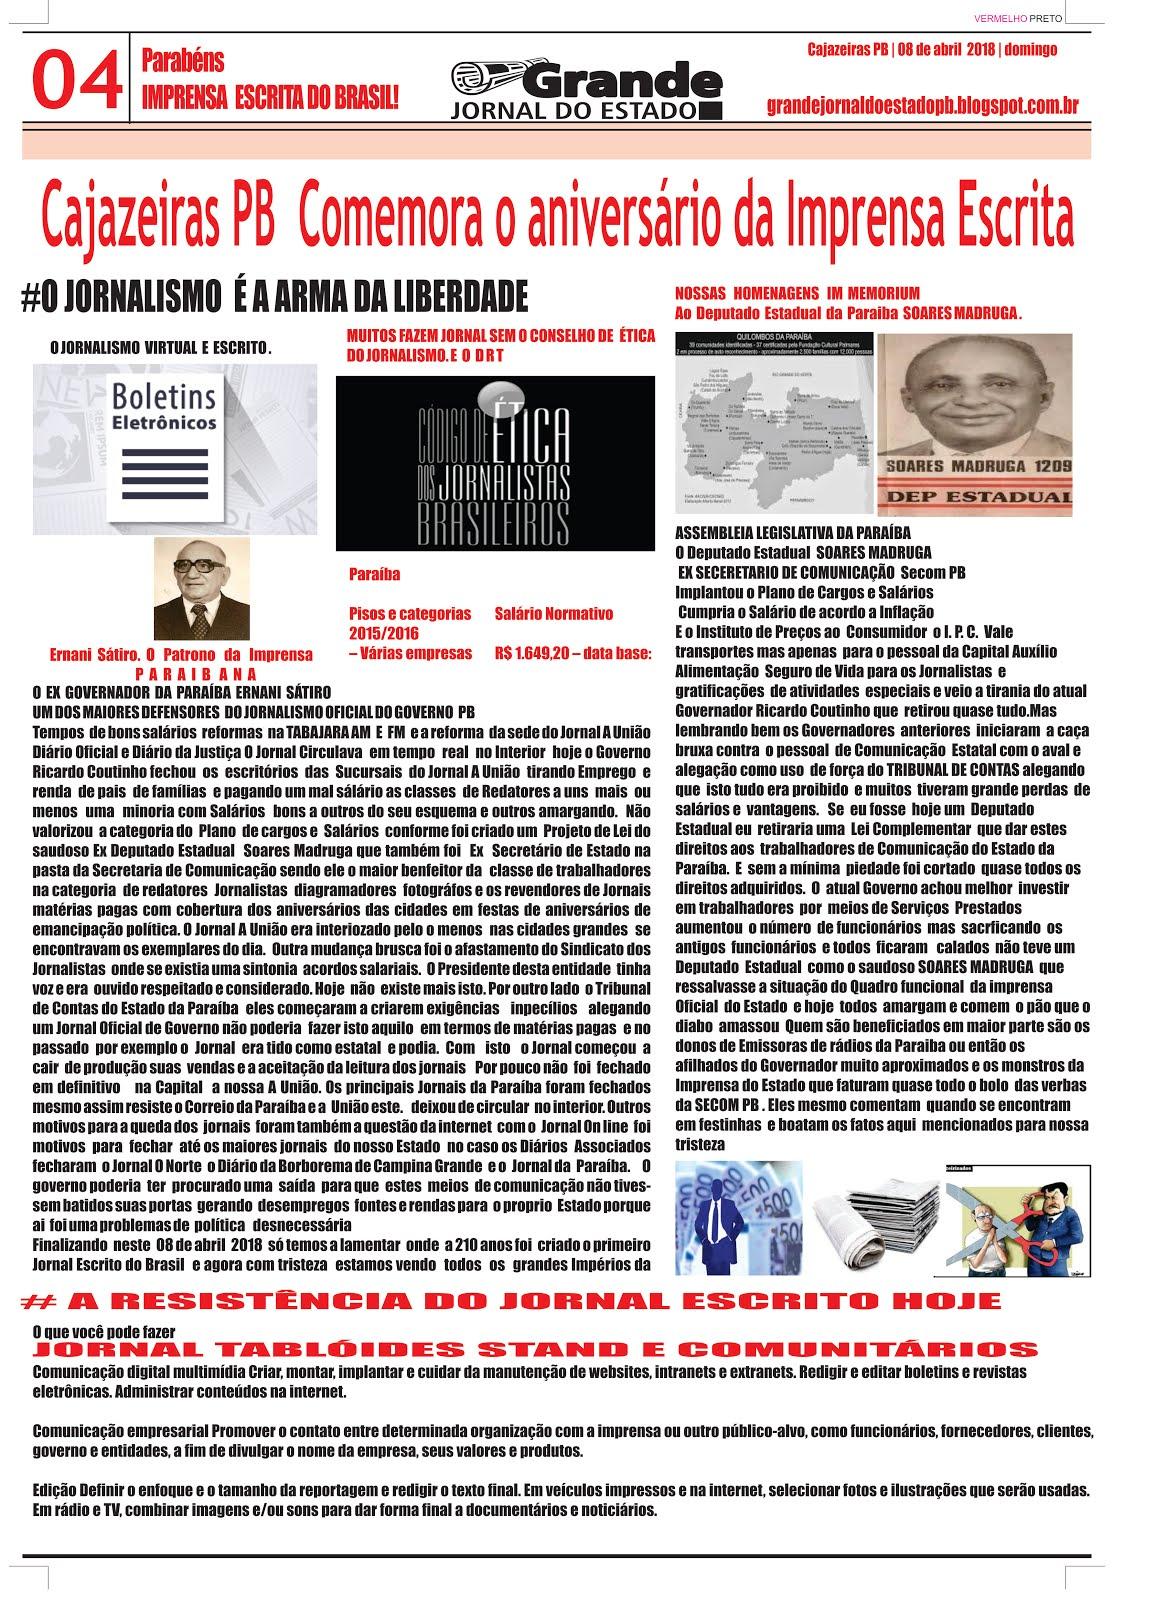 GRANDE JORNAL DO ESTADO DISTRUIBUIÇÃO PARA OS CONTEMPLADOS O AMIGO DA IMPRENSA ESCRITA